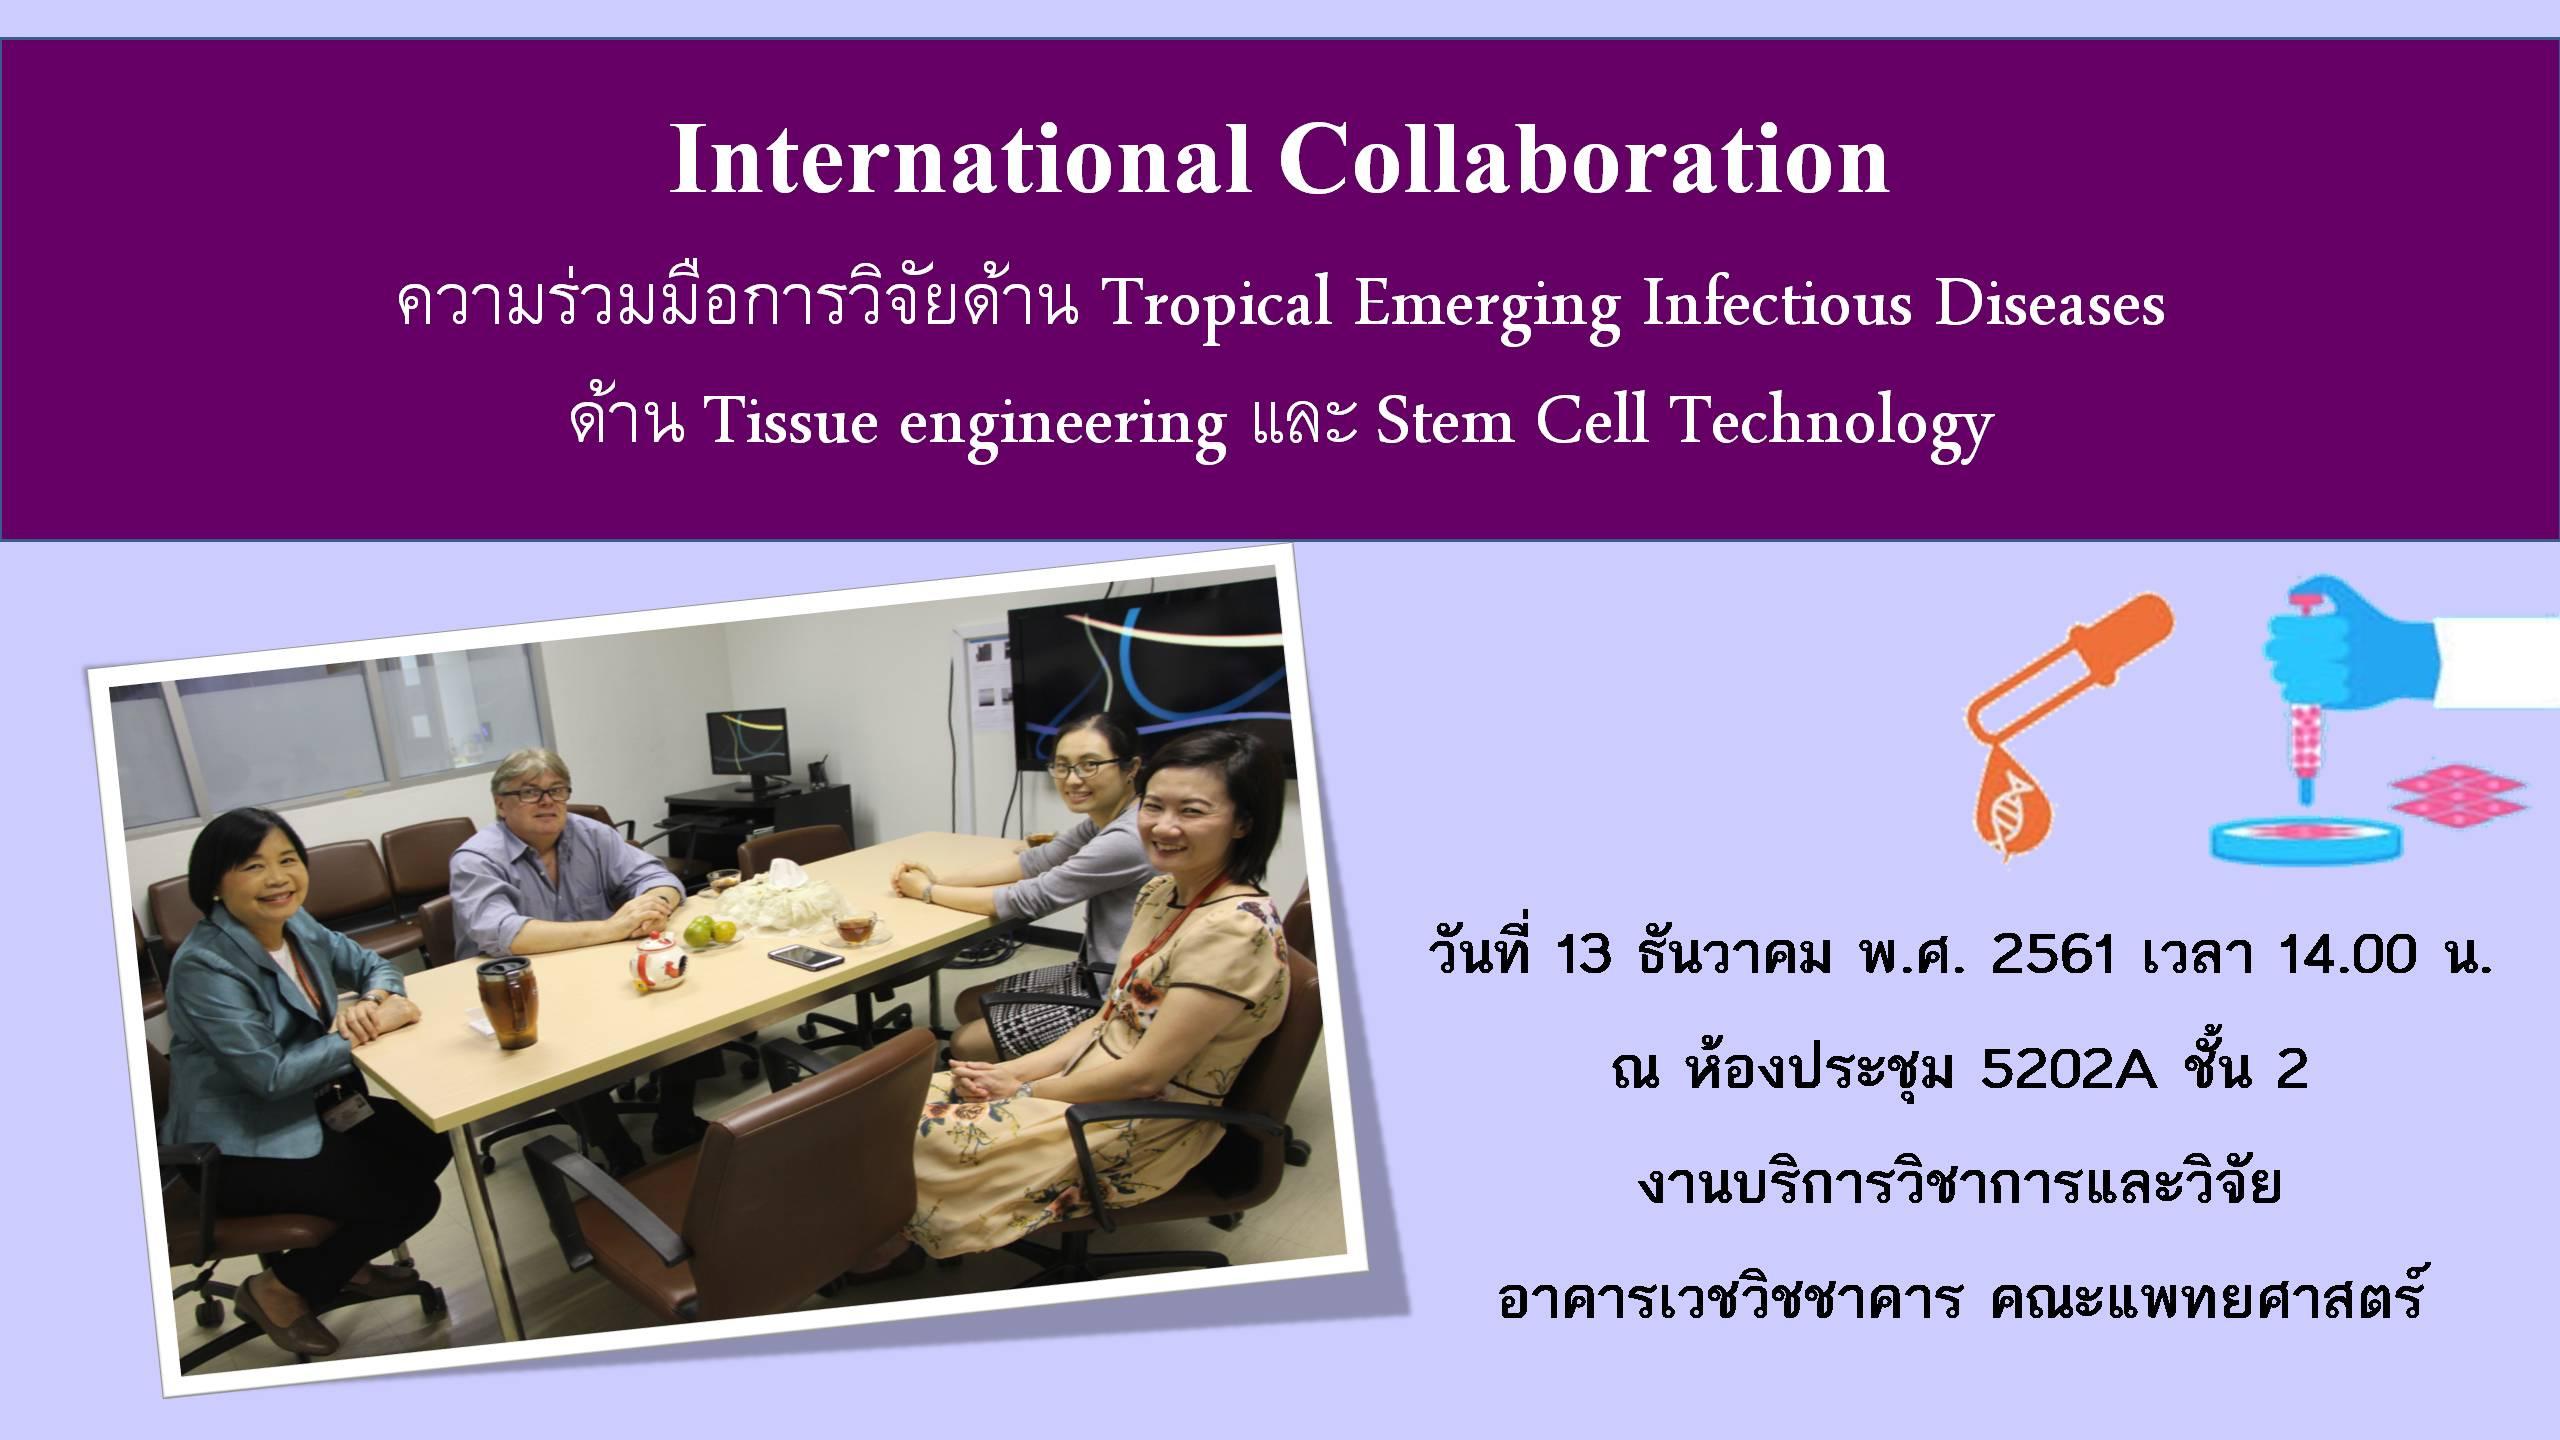 การประชุมเพื่อให้เกิดความร่วมมือการวิจัยด้าน Tropical Emerging Infectious Diseases  ด้าน Tissue engineering และ Stem Cell Technology